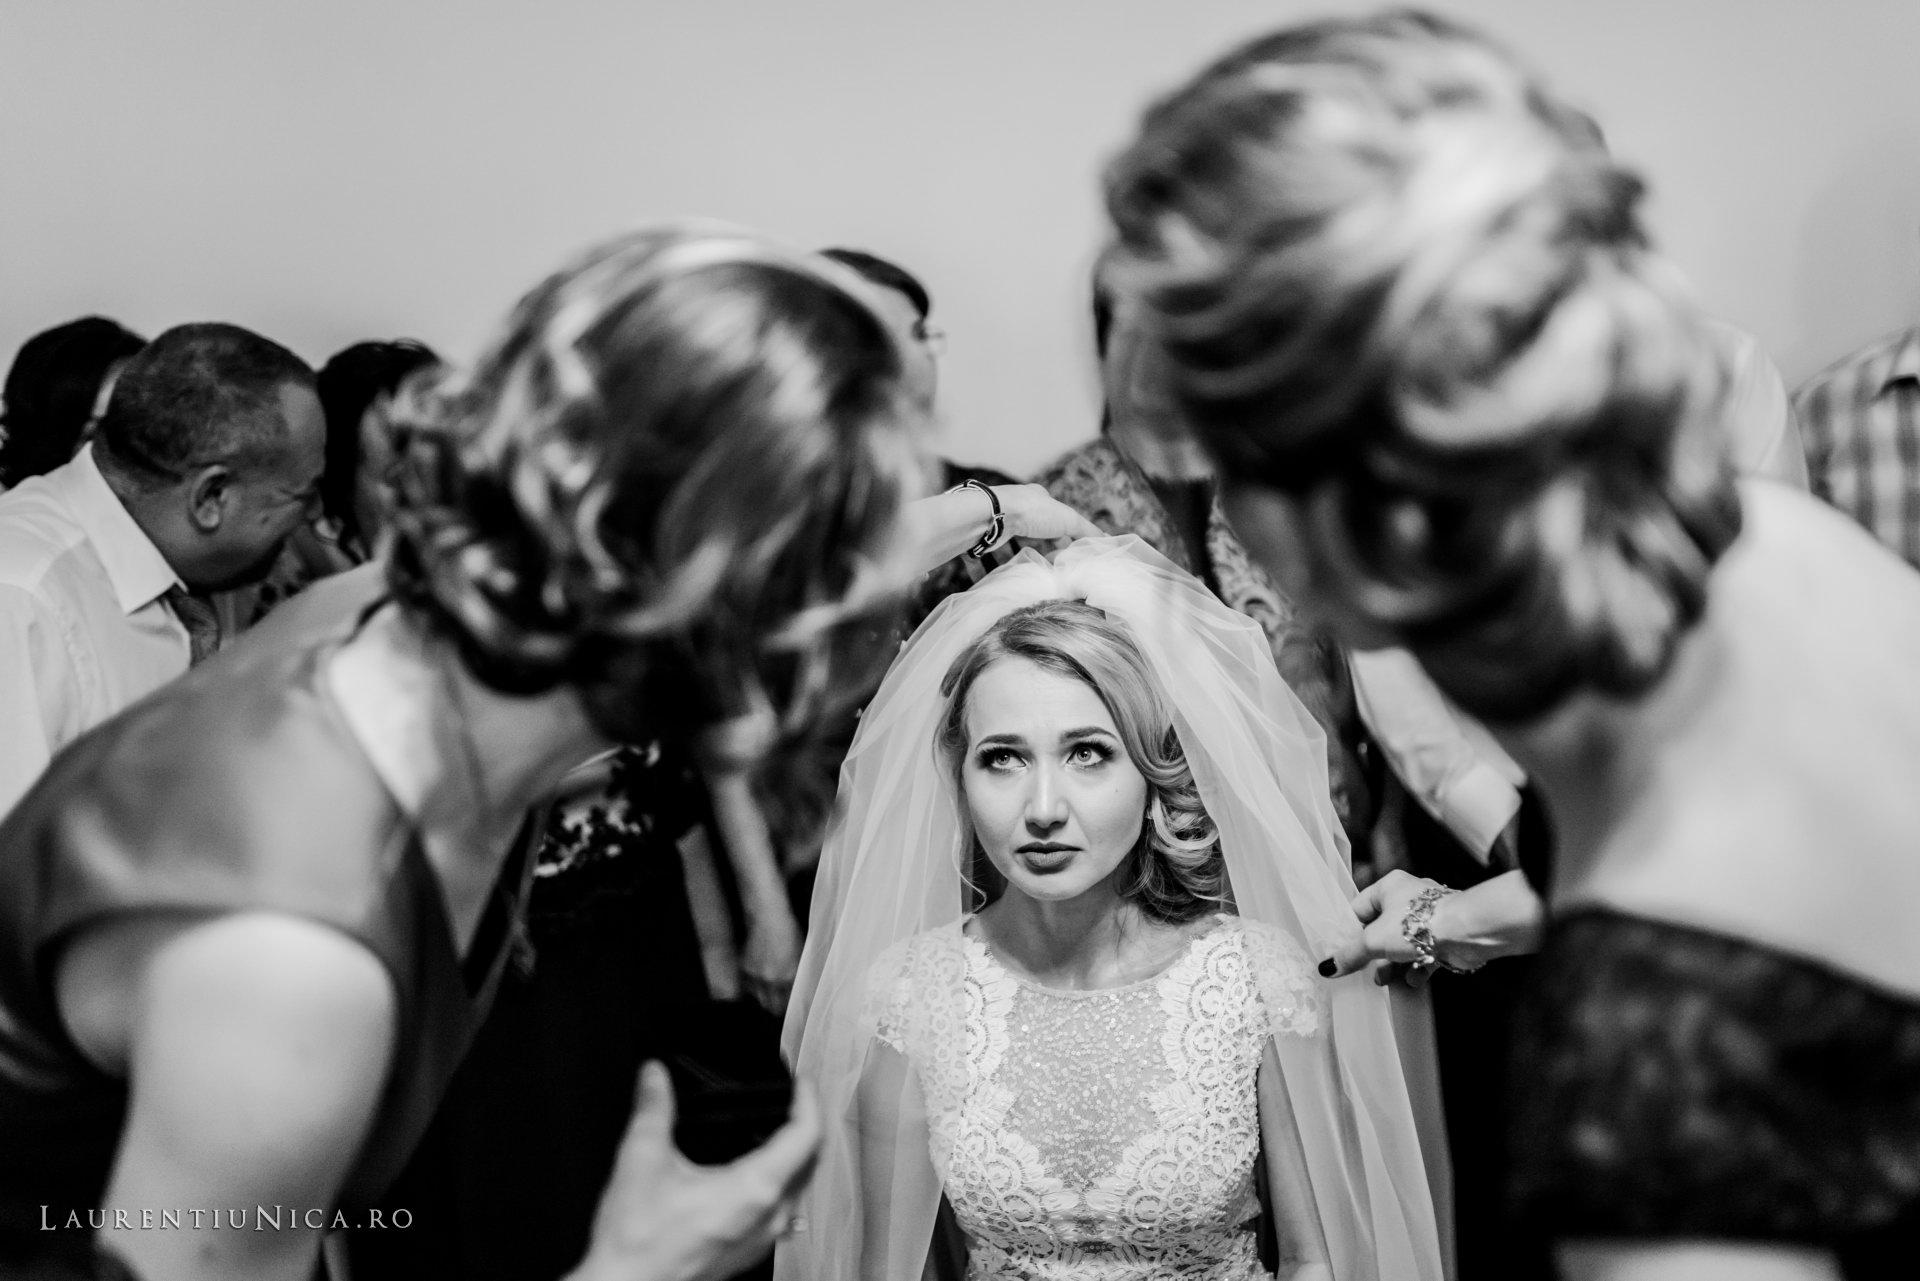 alina si razvan craiova fotograf nunta laurentiu nica34 - Alina & Razvan | Fotografii nunta